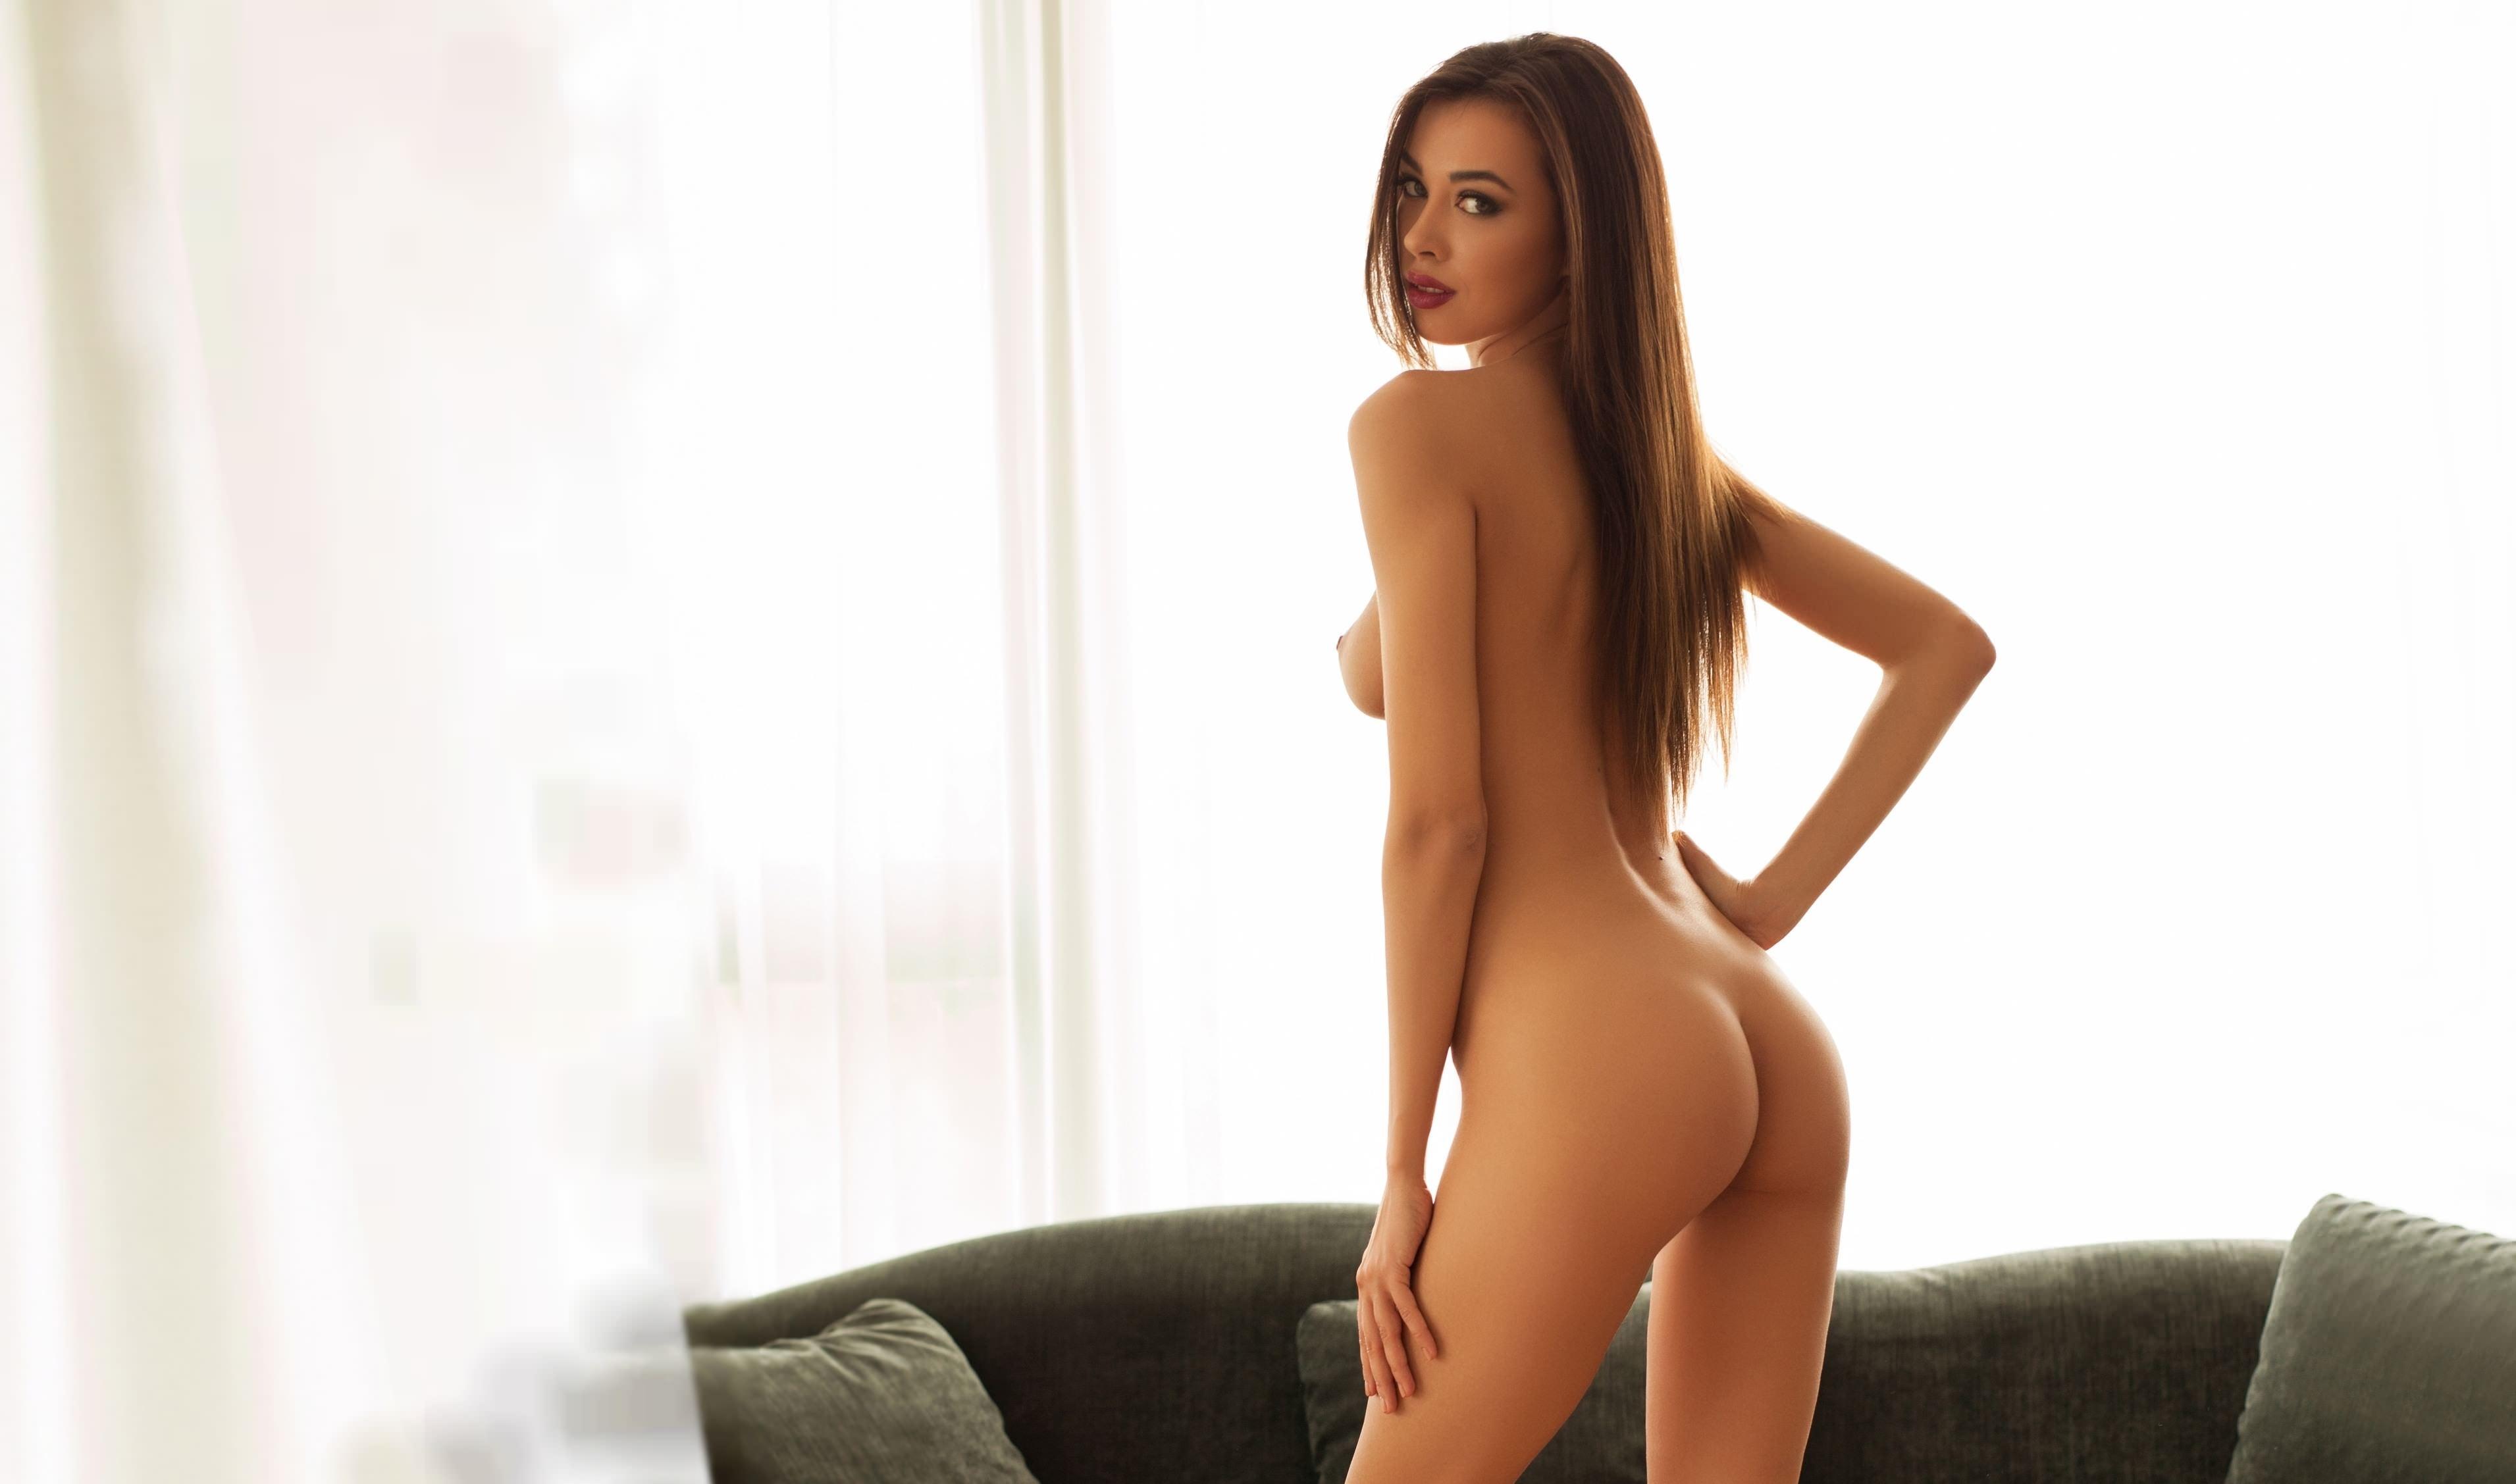 Фото Голая девушка грациозно стоит у дивана, скачать картинку бесплатно